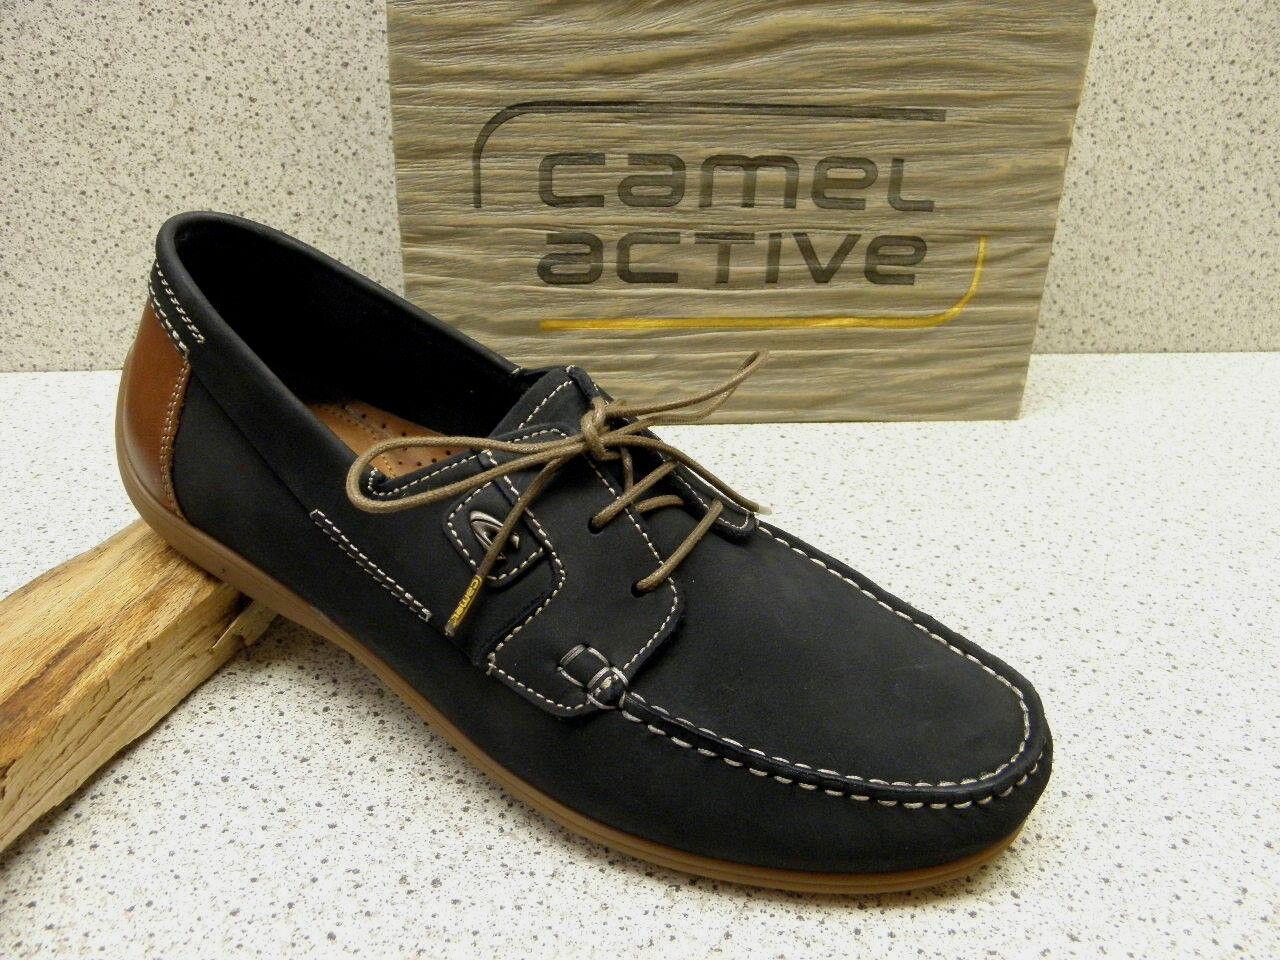 camel active ® reduziert bisher 99,95 € Bootschuhe Docksider Yacht blau  (C67) 0c28319a2c2